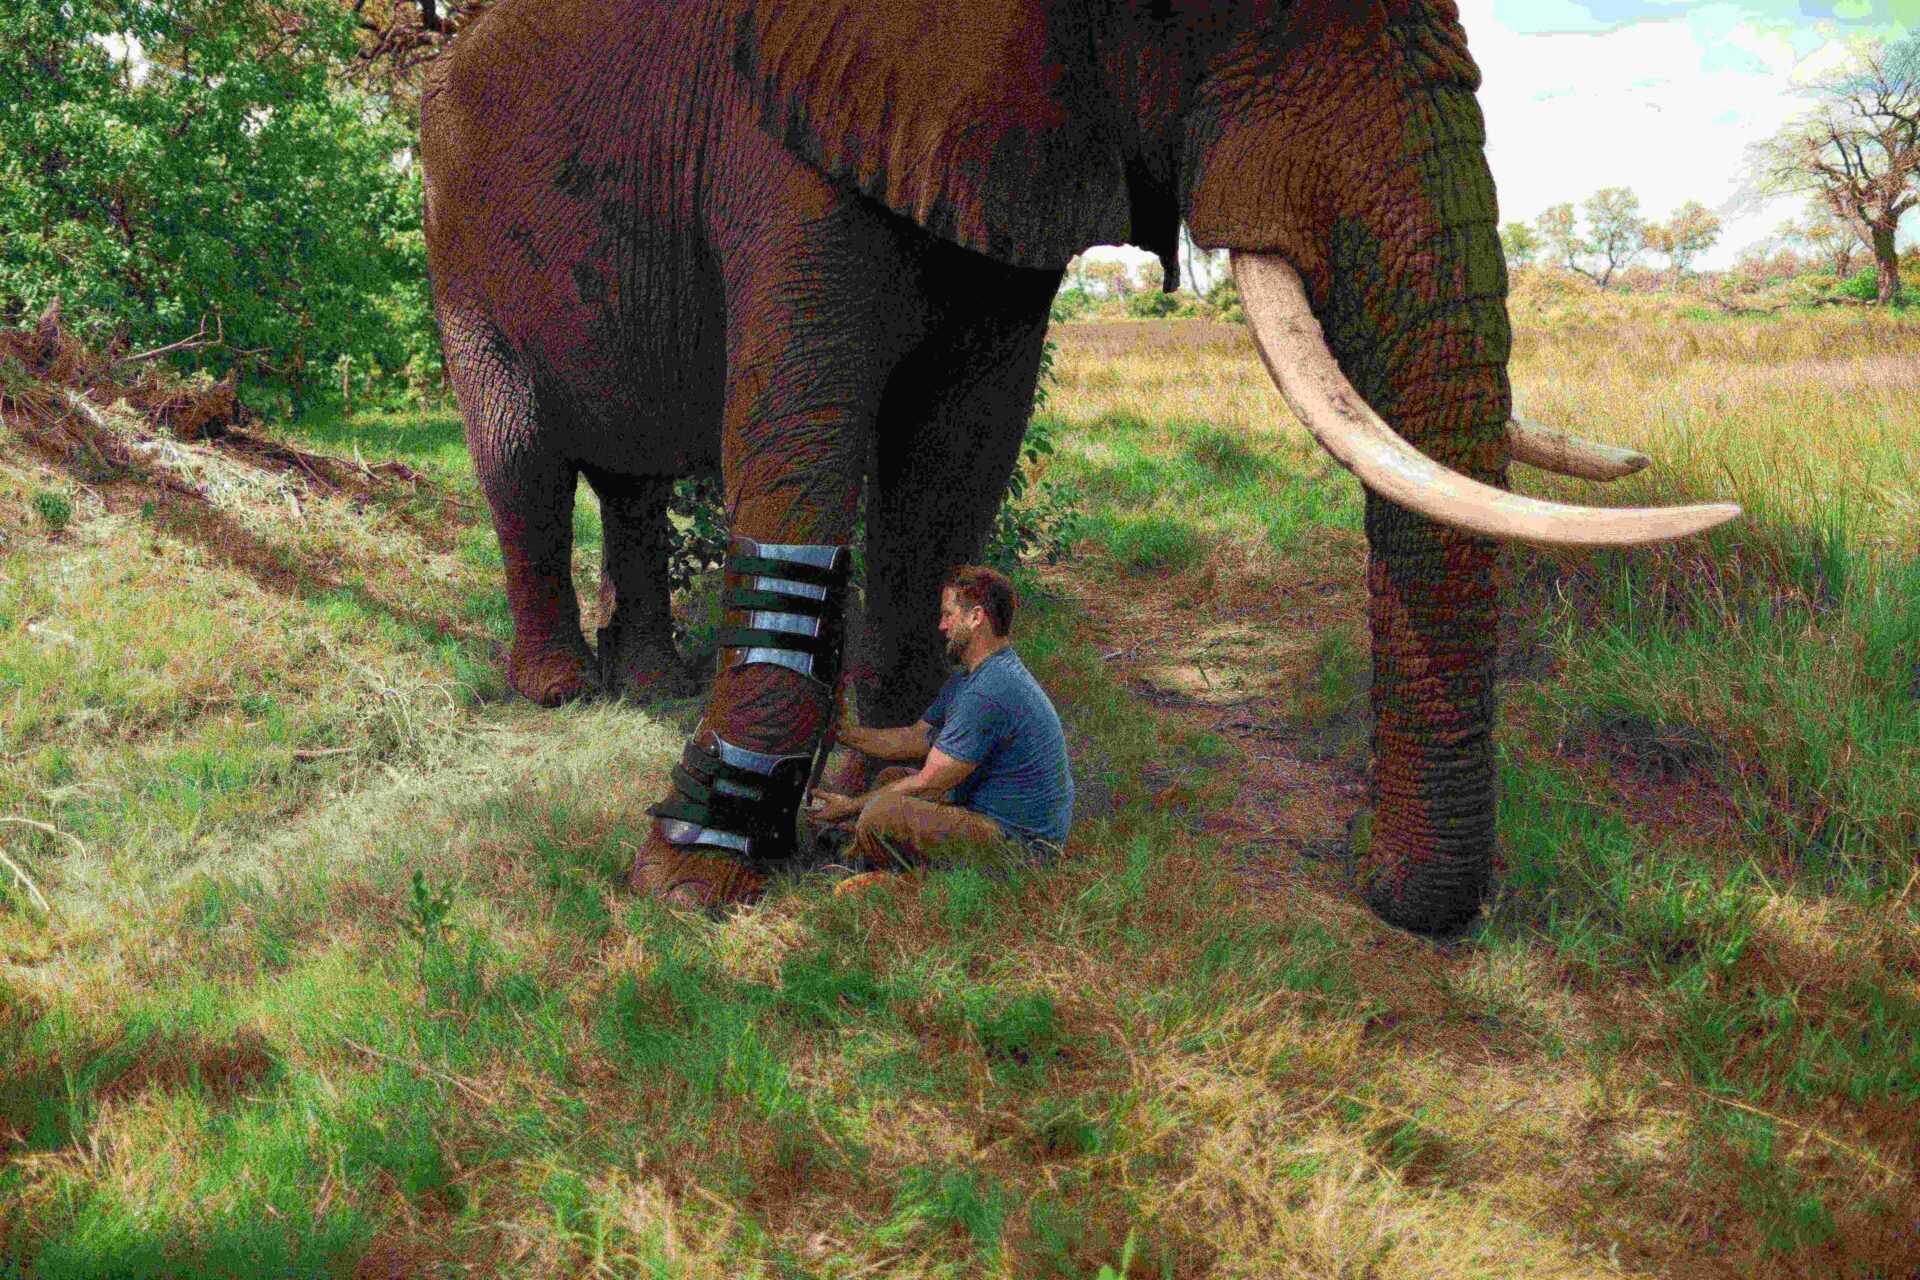 Derrick putting on Jabu's (elephant's) prosthetic.